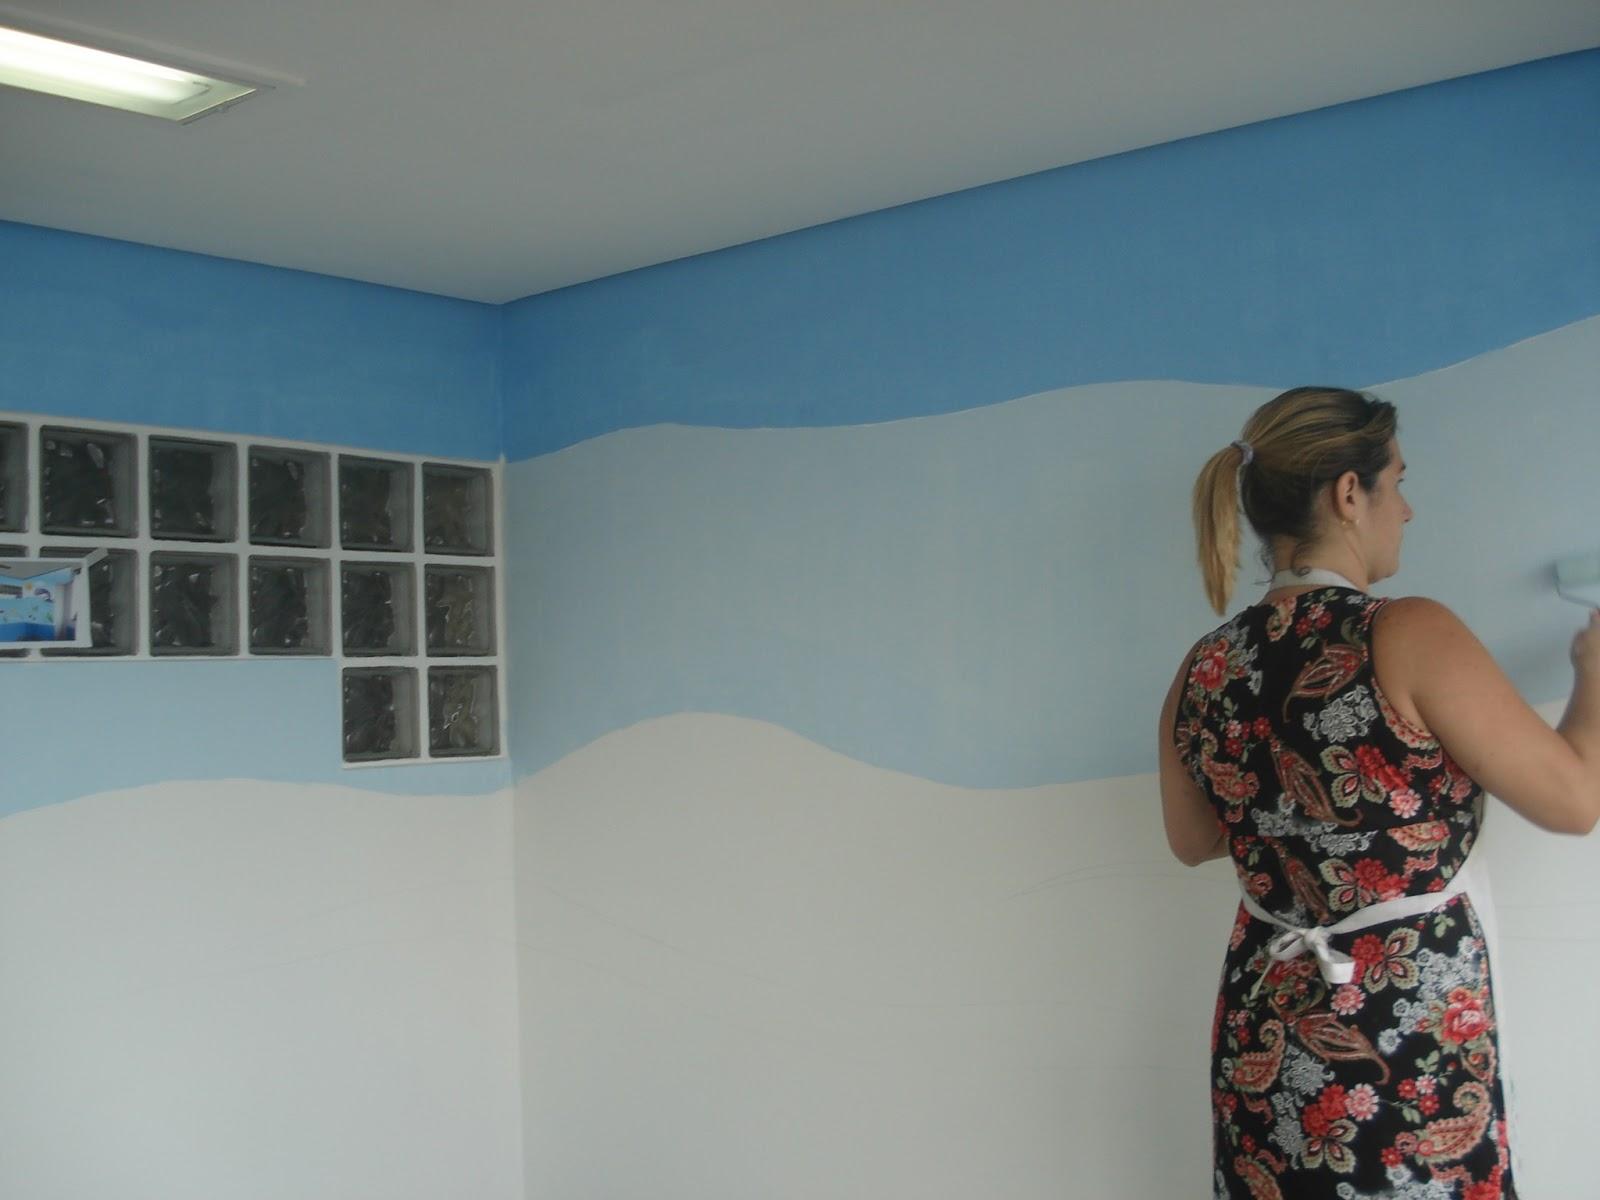 Pintura em parede aeromac pintura em parede 123 - Pinturas especiales para paredes ...